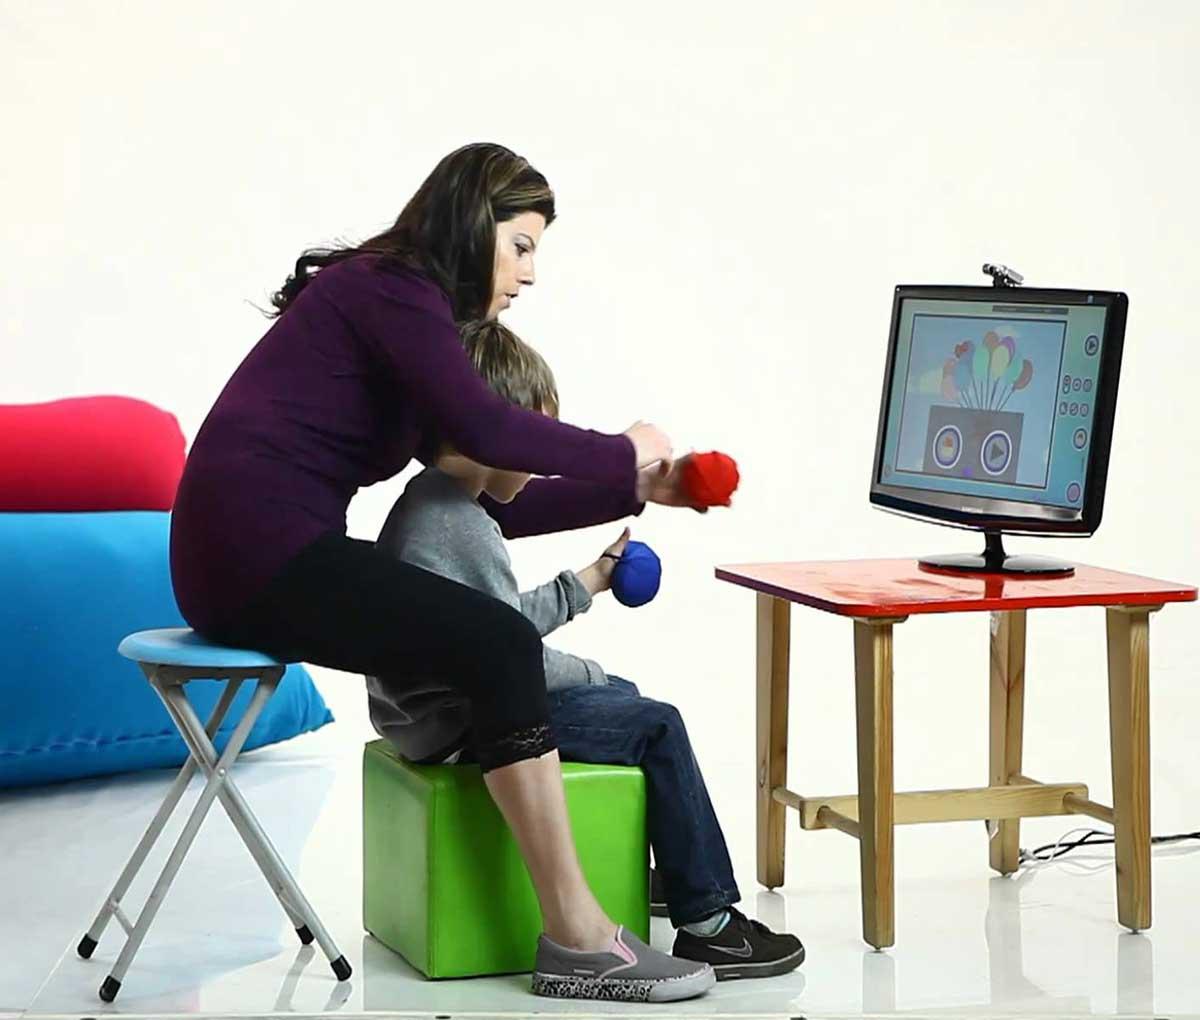 Програмно-технічний комплекс «Tімоко» для осіб з фізичними вадами